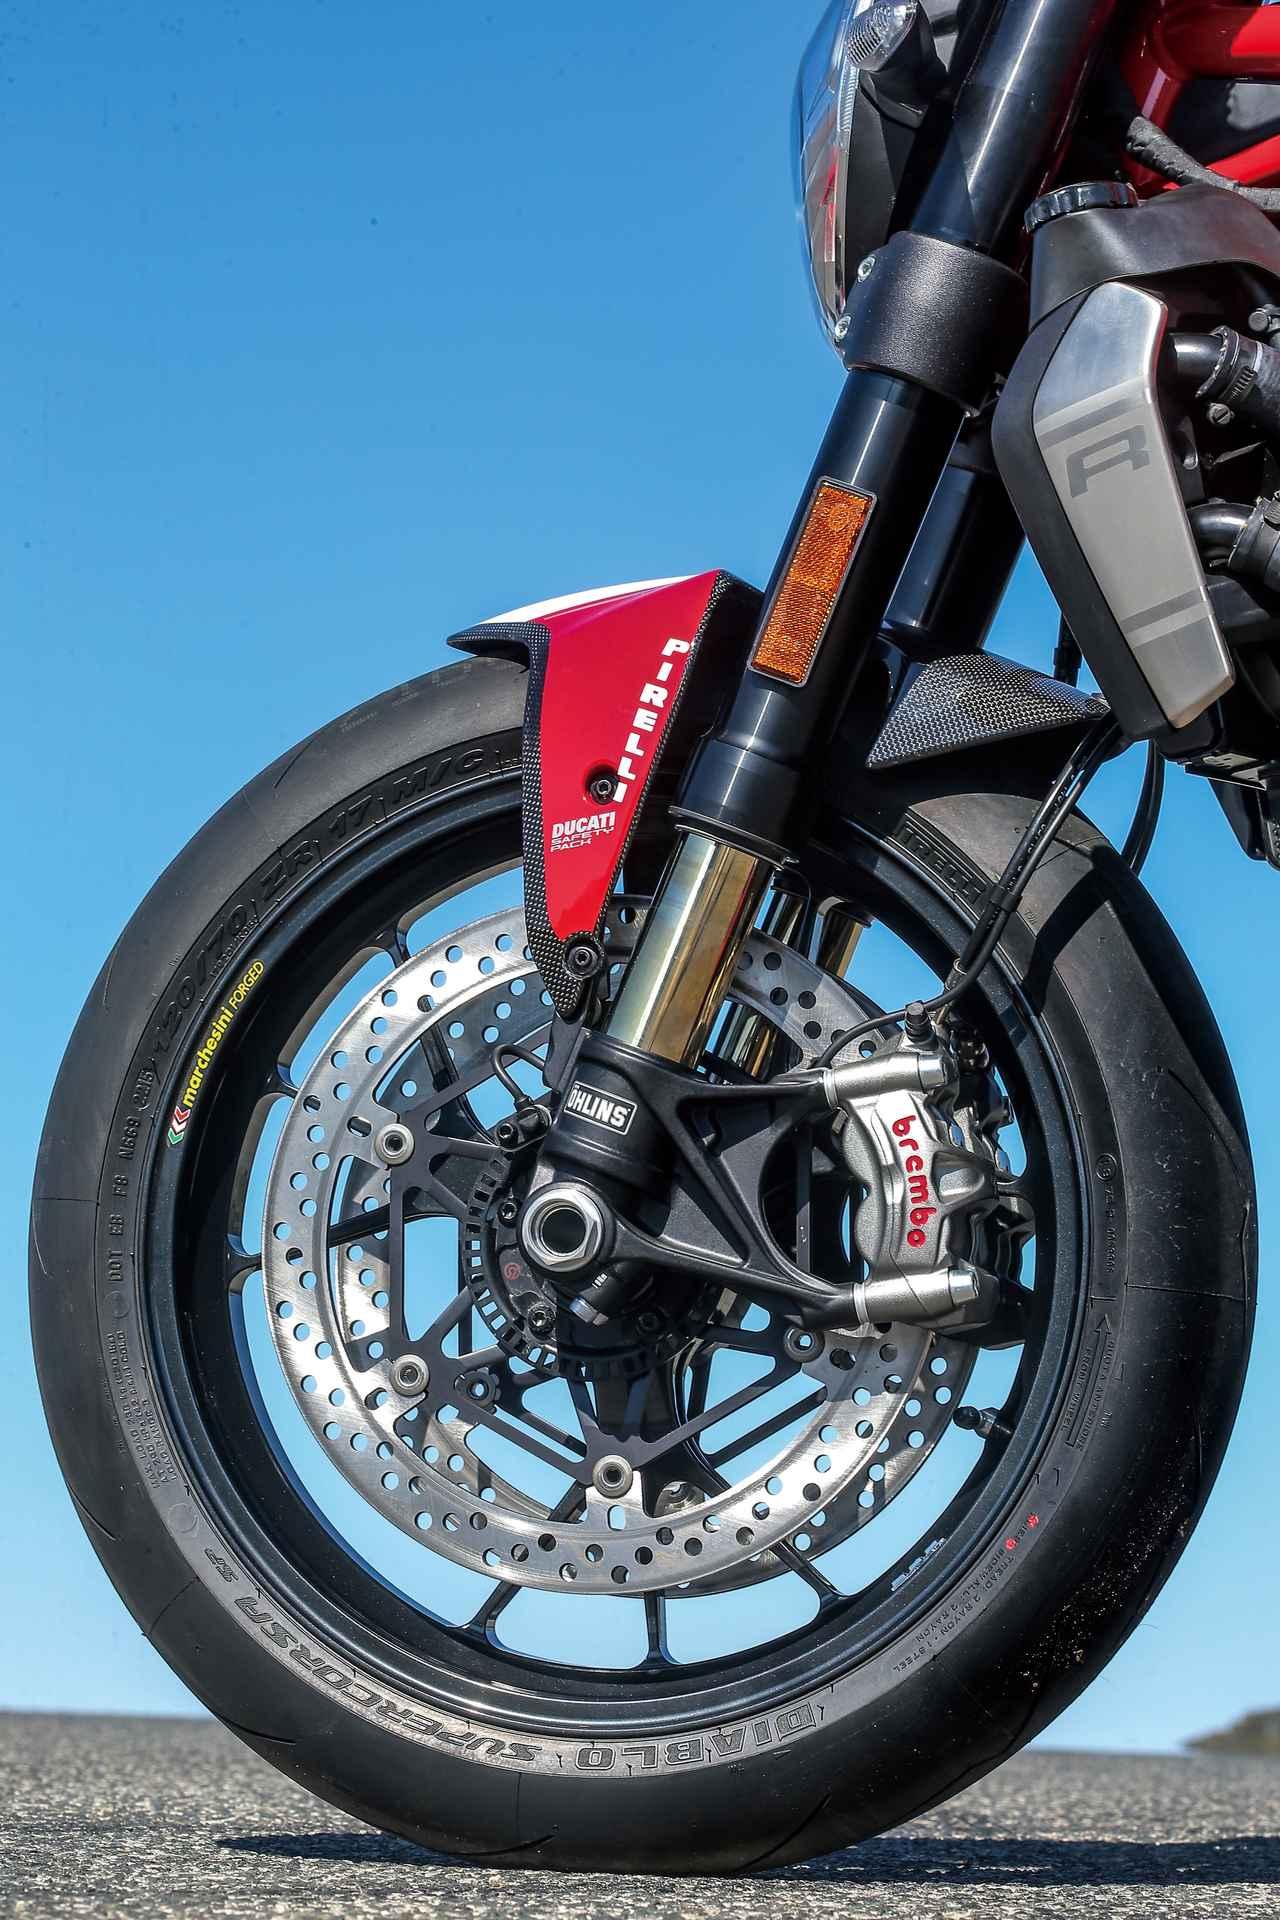 """Images : 10番目の画像 - 「史上最強160HP!かつてない""""強心臓""""のモンスター、発進!【DUCATI Monster1200R】(2015年)」のアルバム - webオートバイ"""